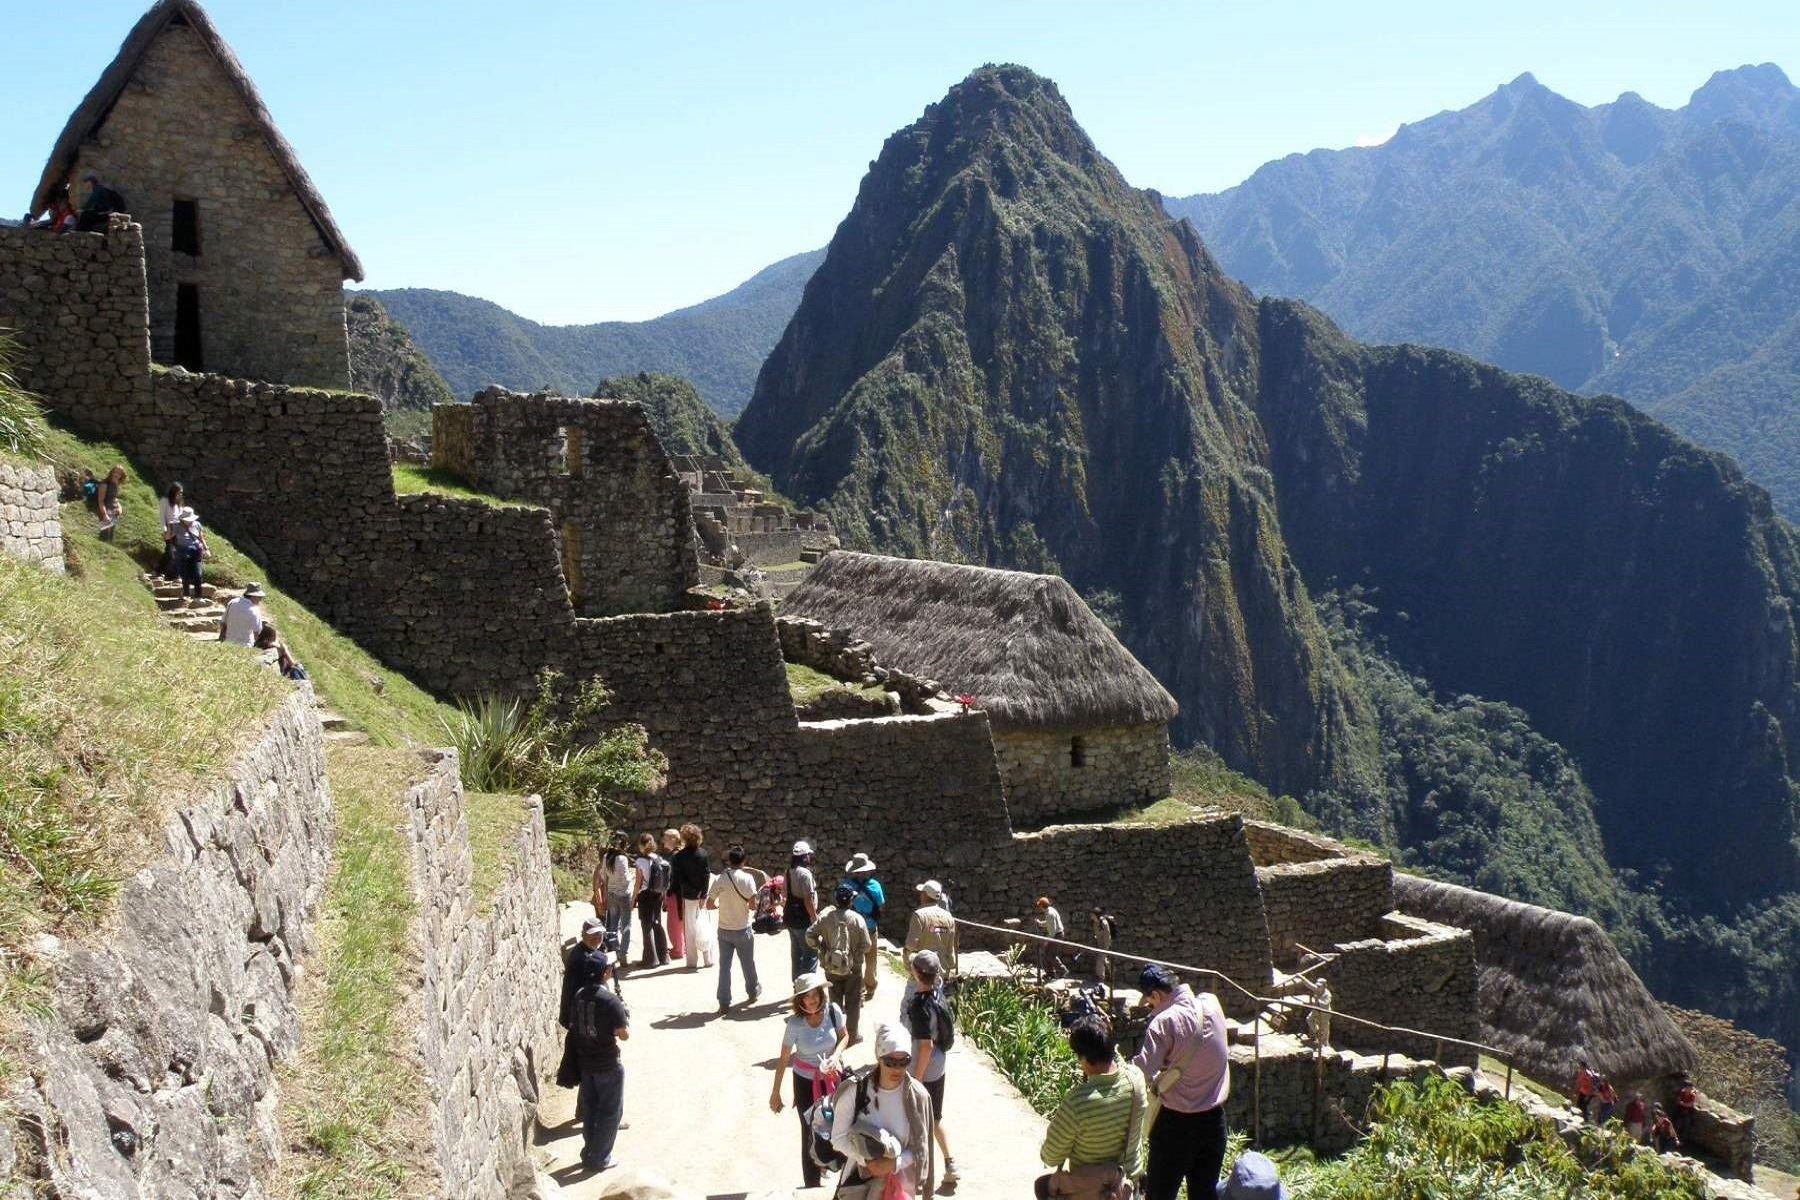 Adultos pagarán S/ 64 por ingresar a Machu Picchu en 2018. ANDINA/Percy Hurtado